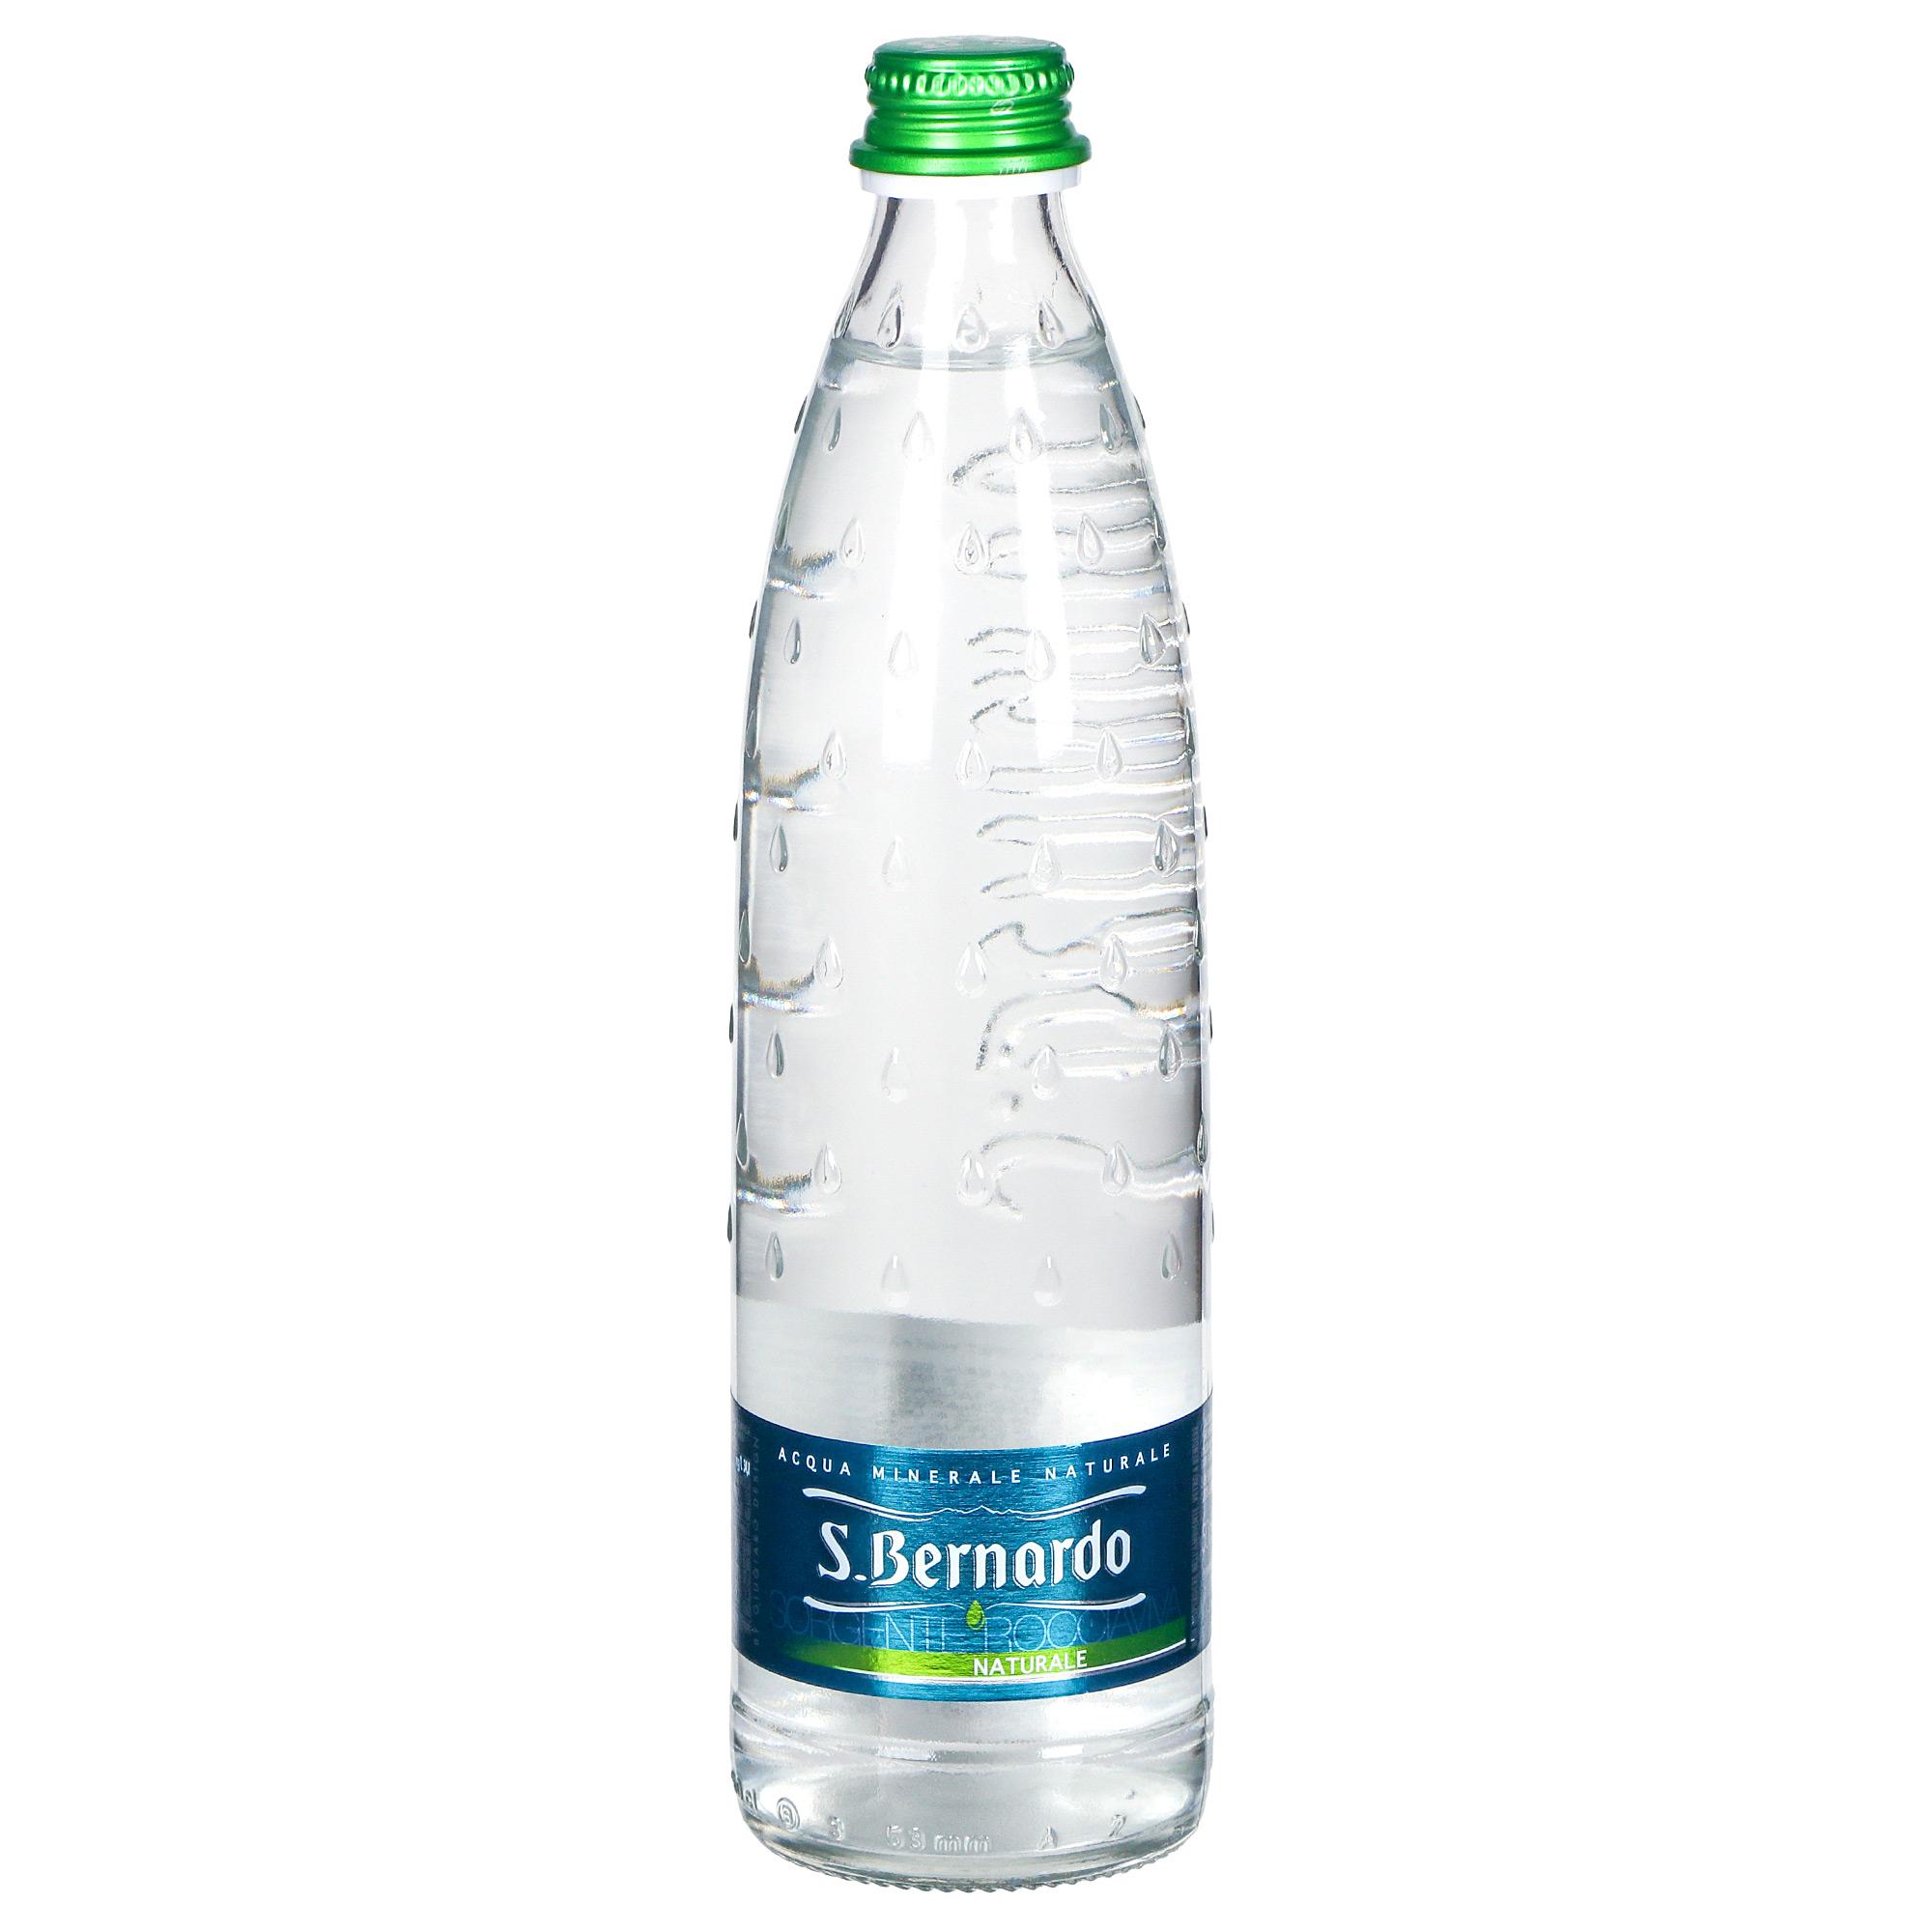 Вода San Bernardo негазированная 500 мл вода san bernardo газированная 1 л